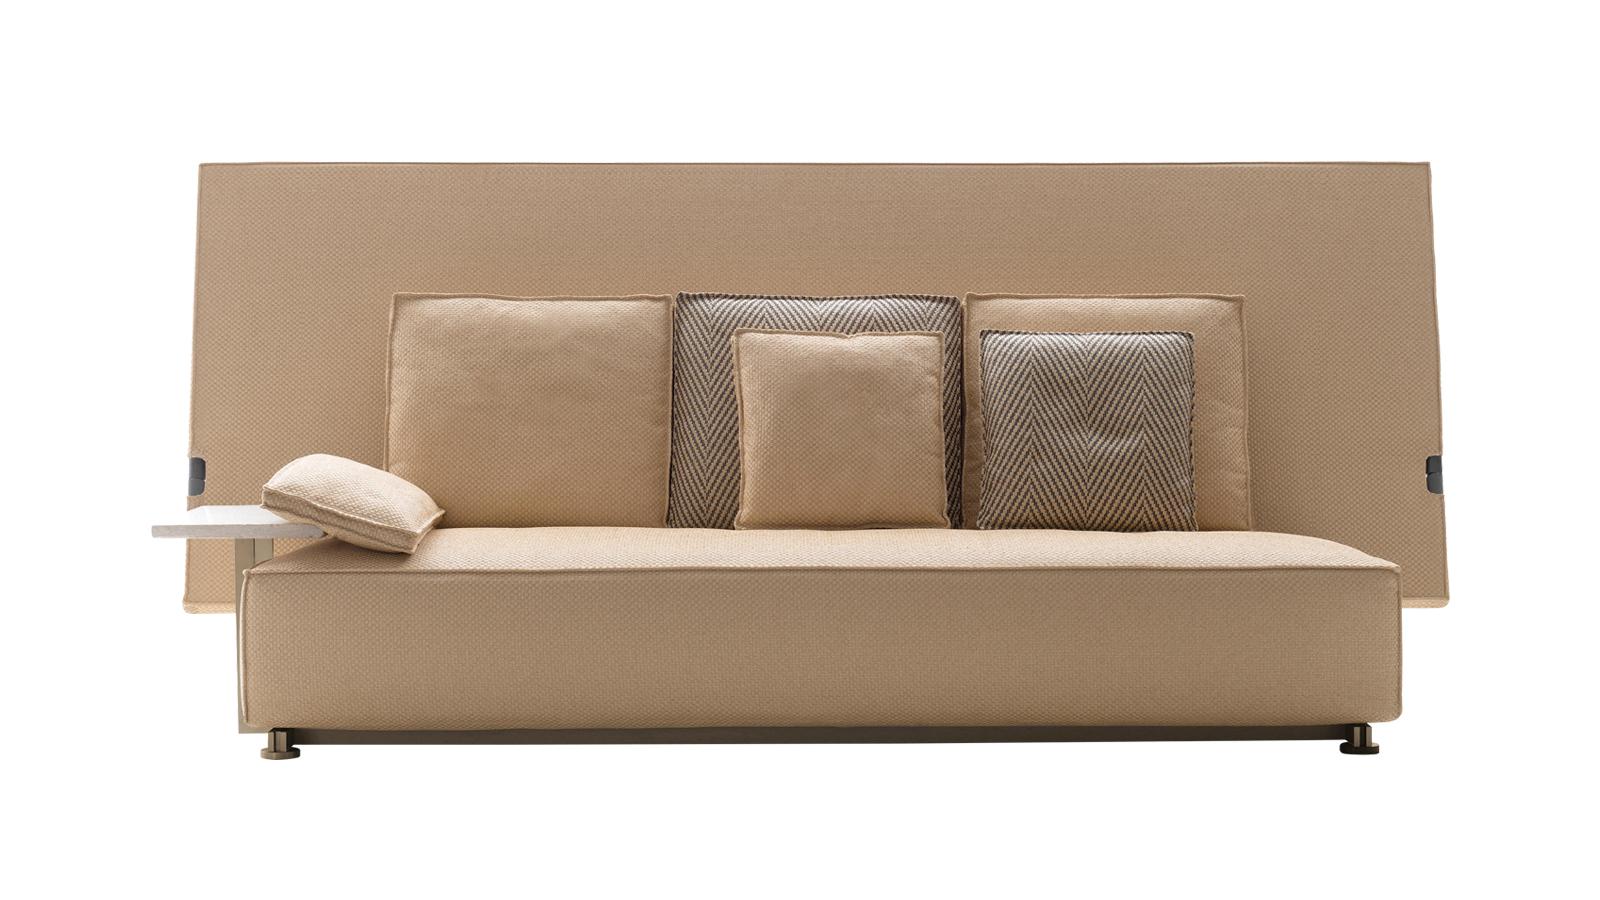 A B&B Italia és a Philippe Starck első kollaborációja, az Oh, it rains! olyan innovatív megoldással robbant be a kültéri bútorok világába, hogy akár egy külön kategóriát is létrehozhatunk számára. Az Oh, it rains! kanapé és karosszék rendkívüli formavilágával nem csupán a kényelmet és az esztétikus megjelenést szolgálja, de kiváló megoldás az egyik leggyakoribb időjárási viszontagság, az eső ellen is: a lehajtható, oversized támla az egész bútor, és a rajta elhelyezett párnák számára is védelmet nyújt.